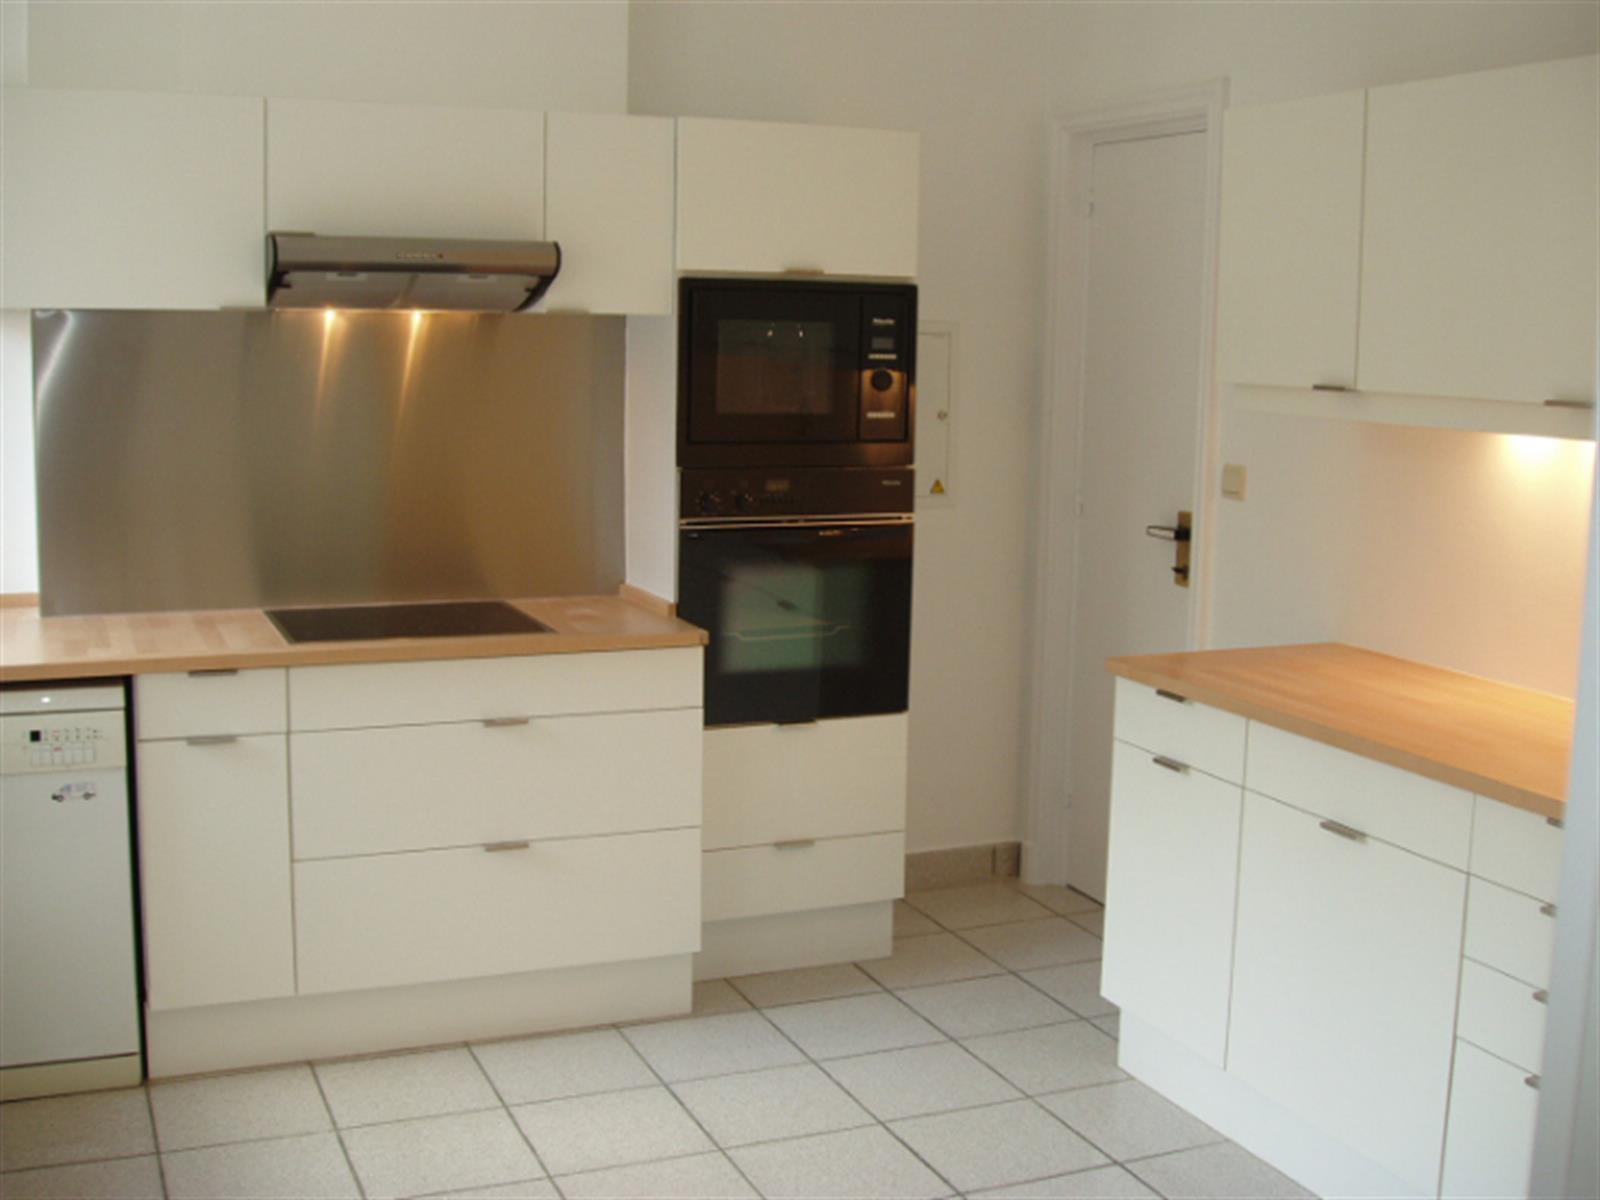 Appartement - Ixelles - #4255977-5